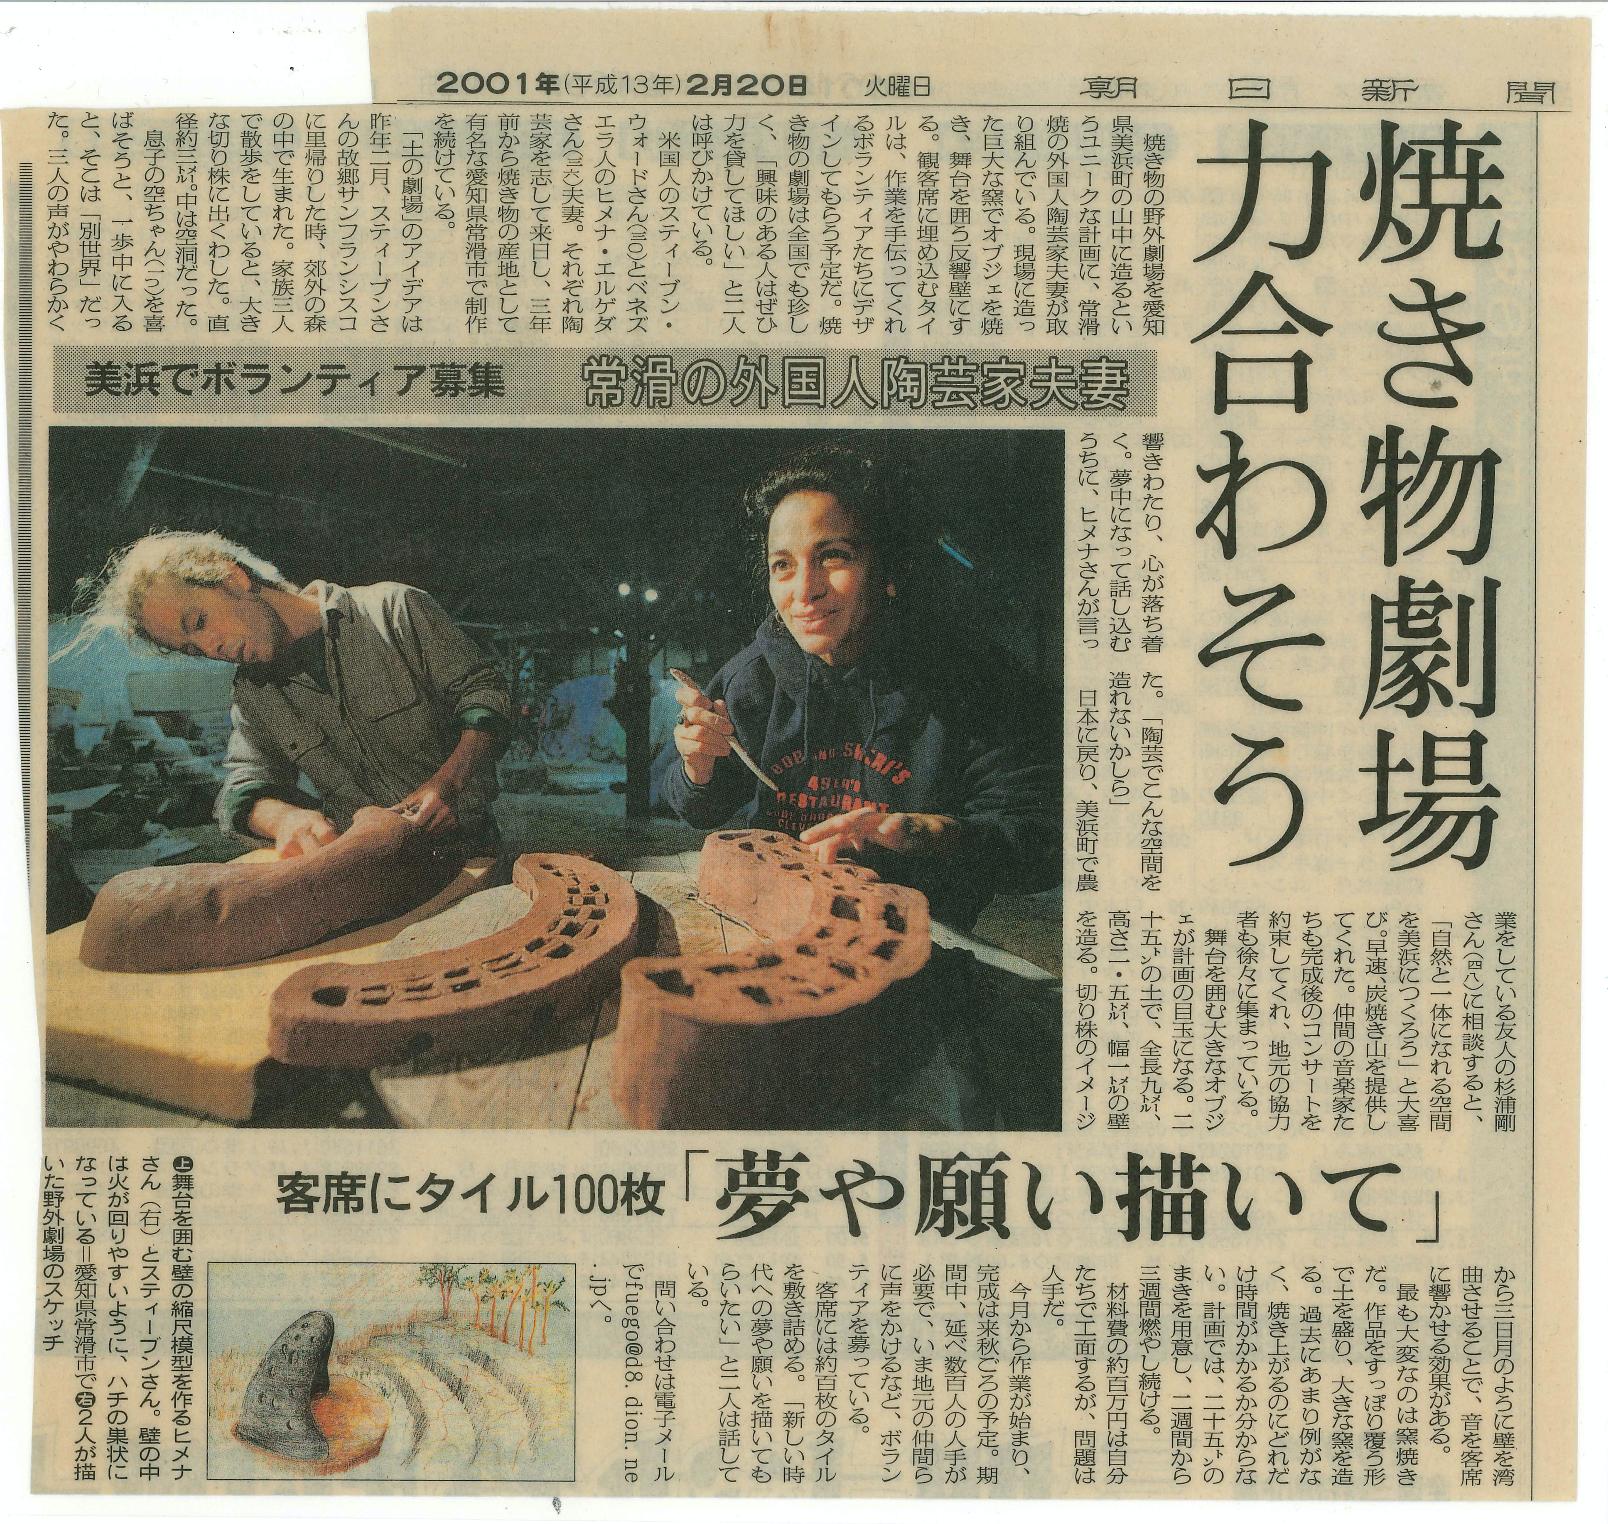 yamanohiroba newspaper2001Screen Shot 2017-09-20 at 13.13.42.png